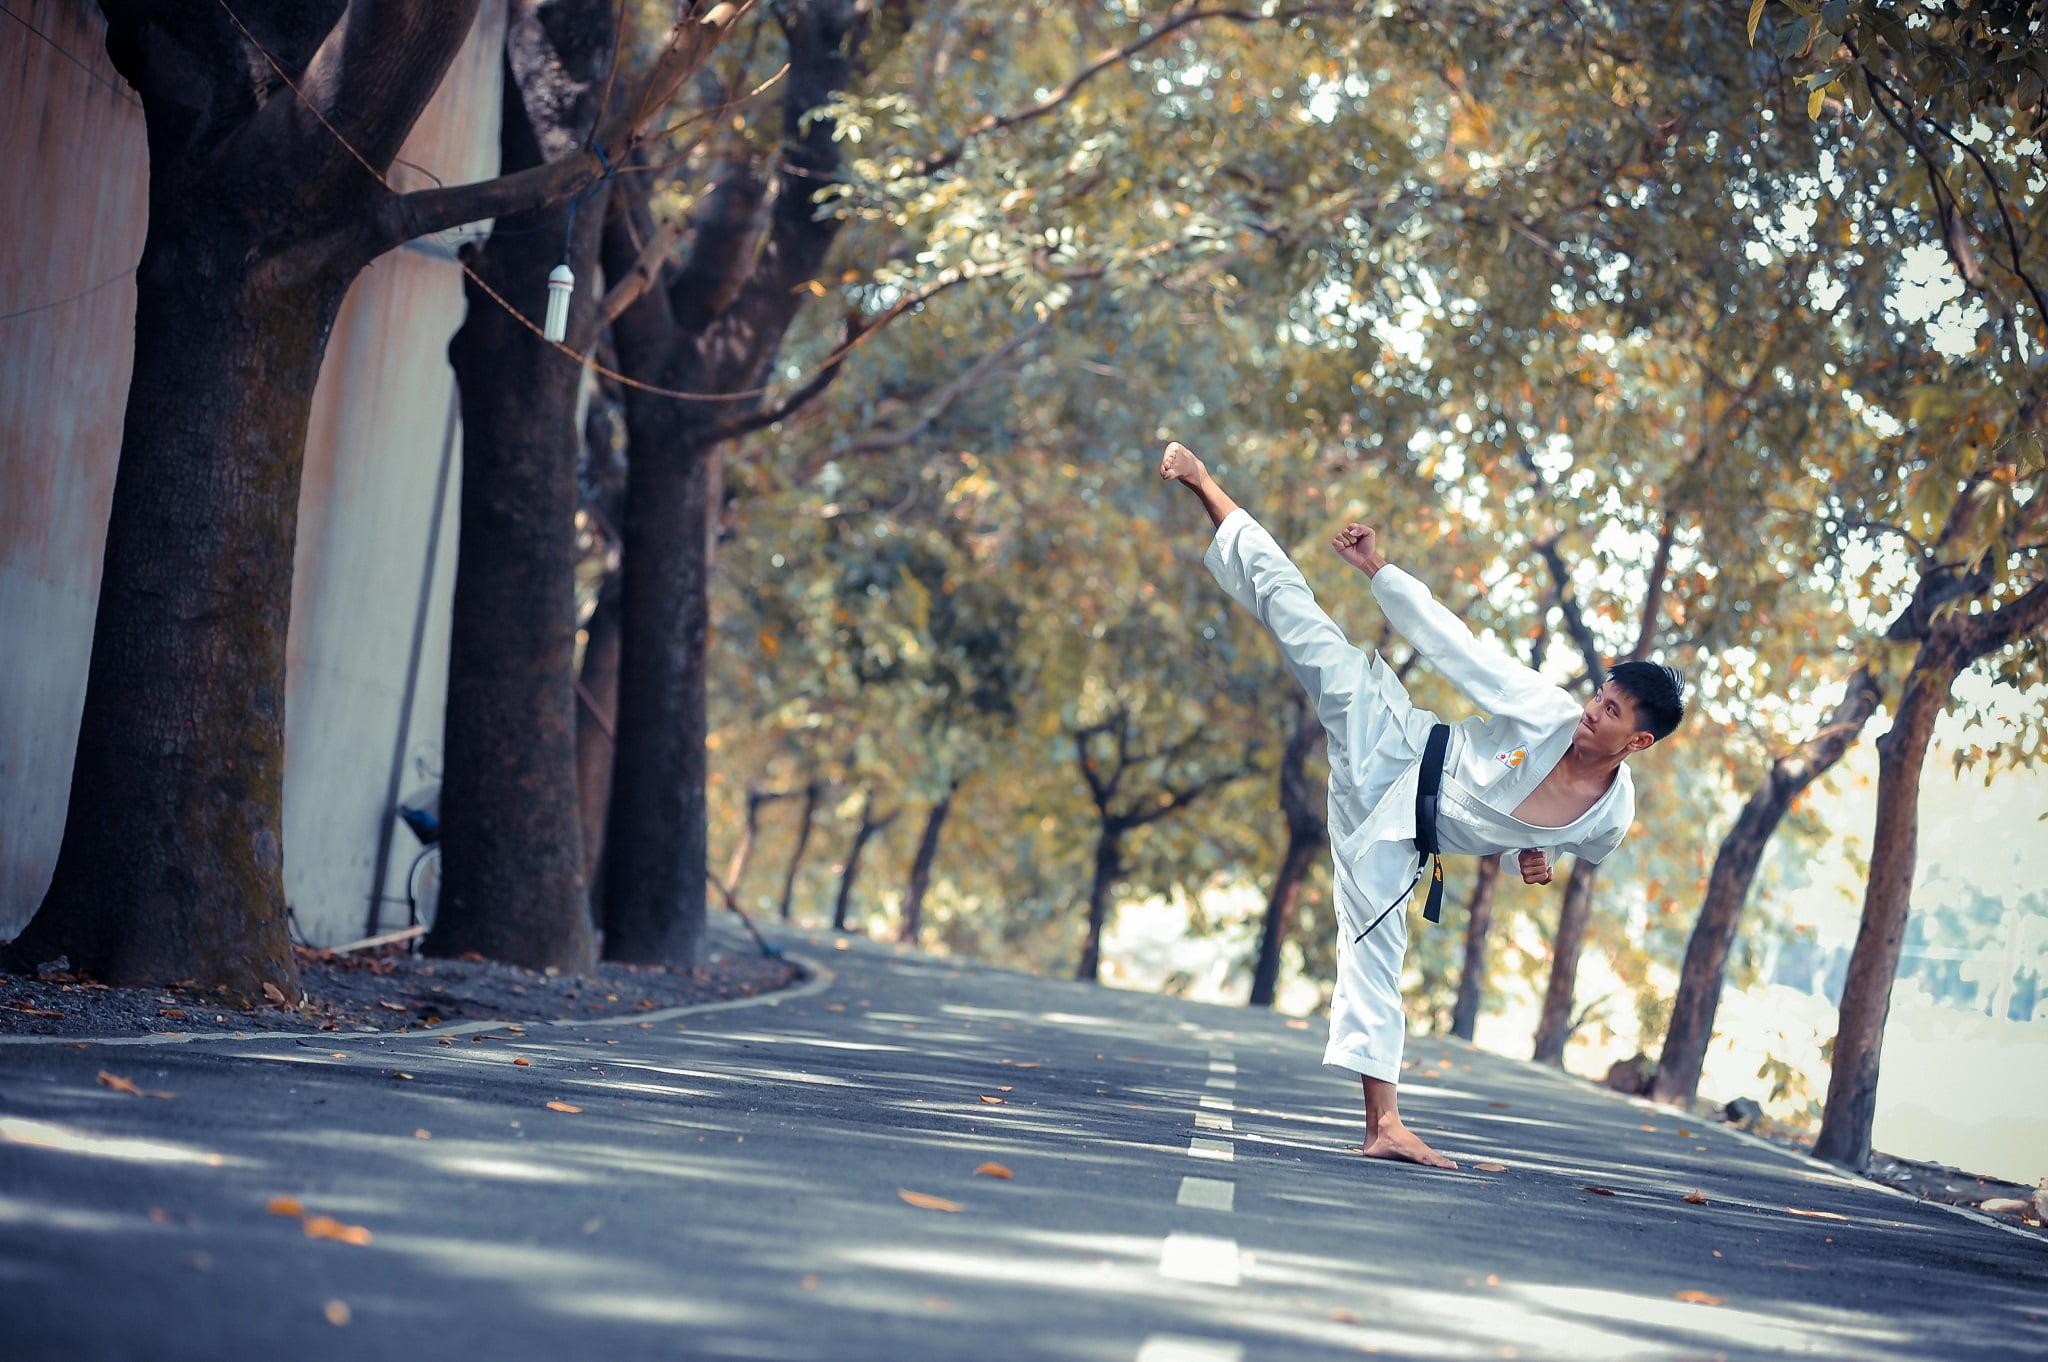 DSC 1187 - Chụp ảnh võ thuật ở KDL Thủy Châu